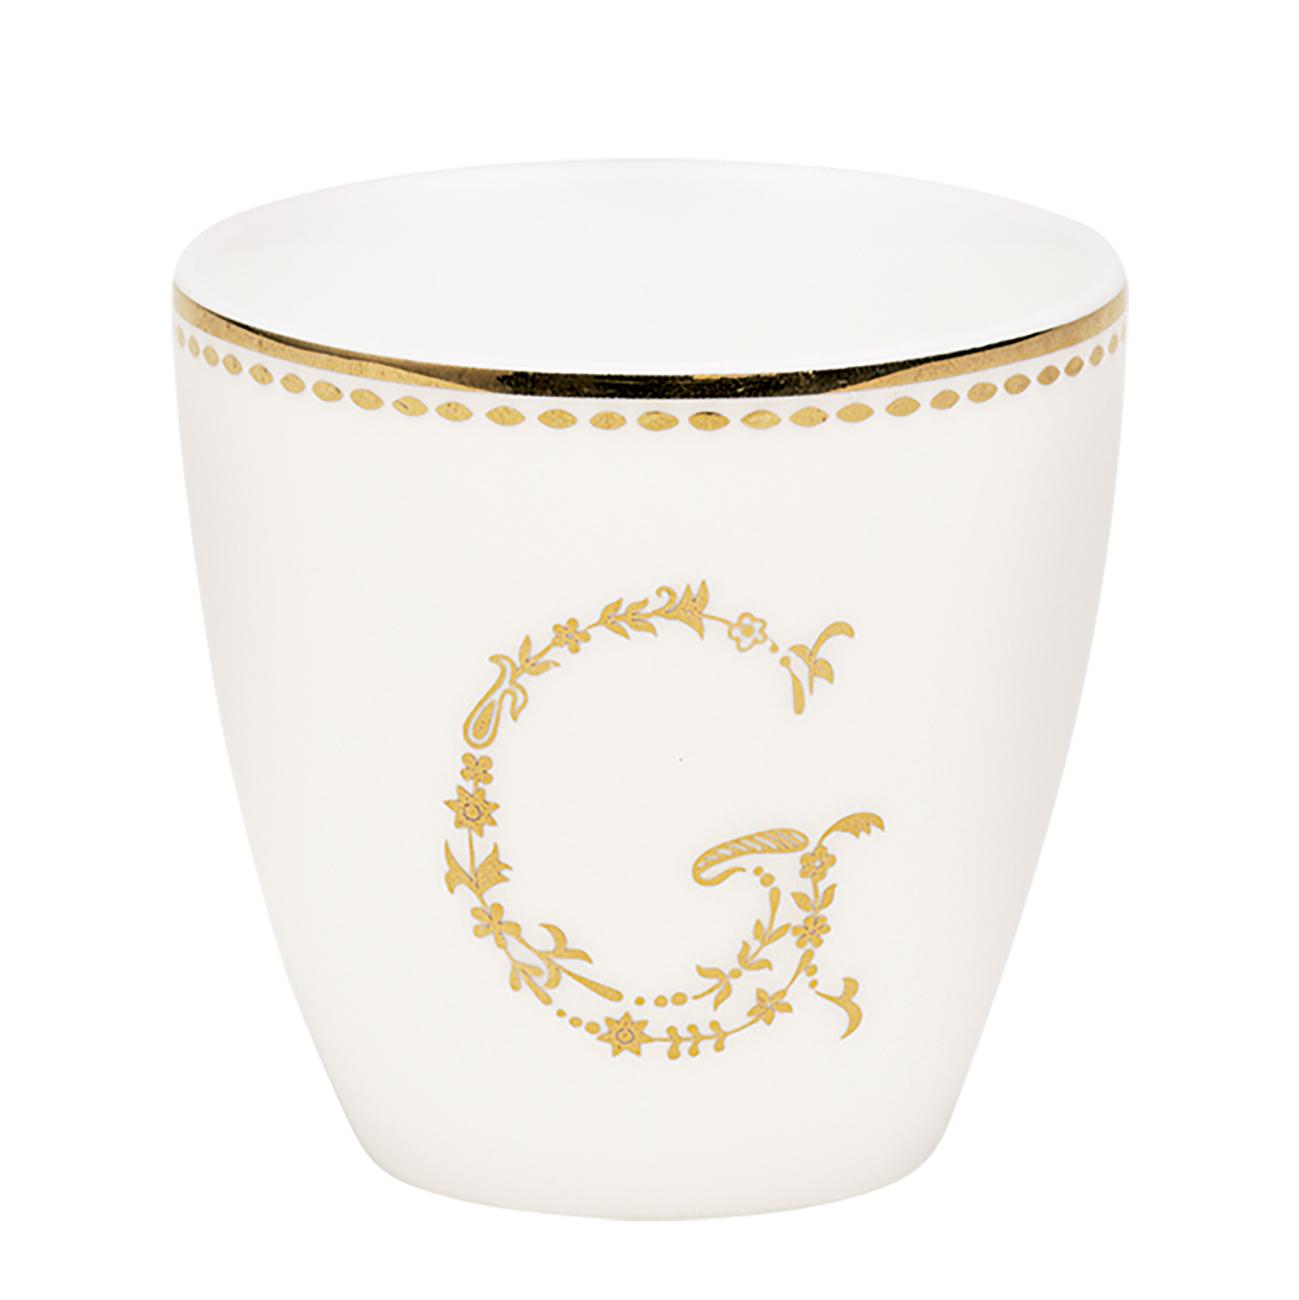 Espressotasse | Mini-Latte Cup - G gold - Greengate